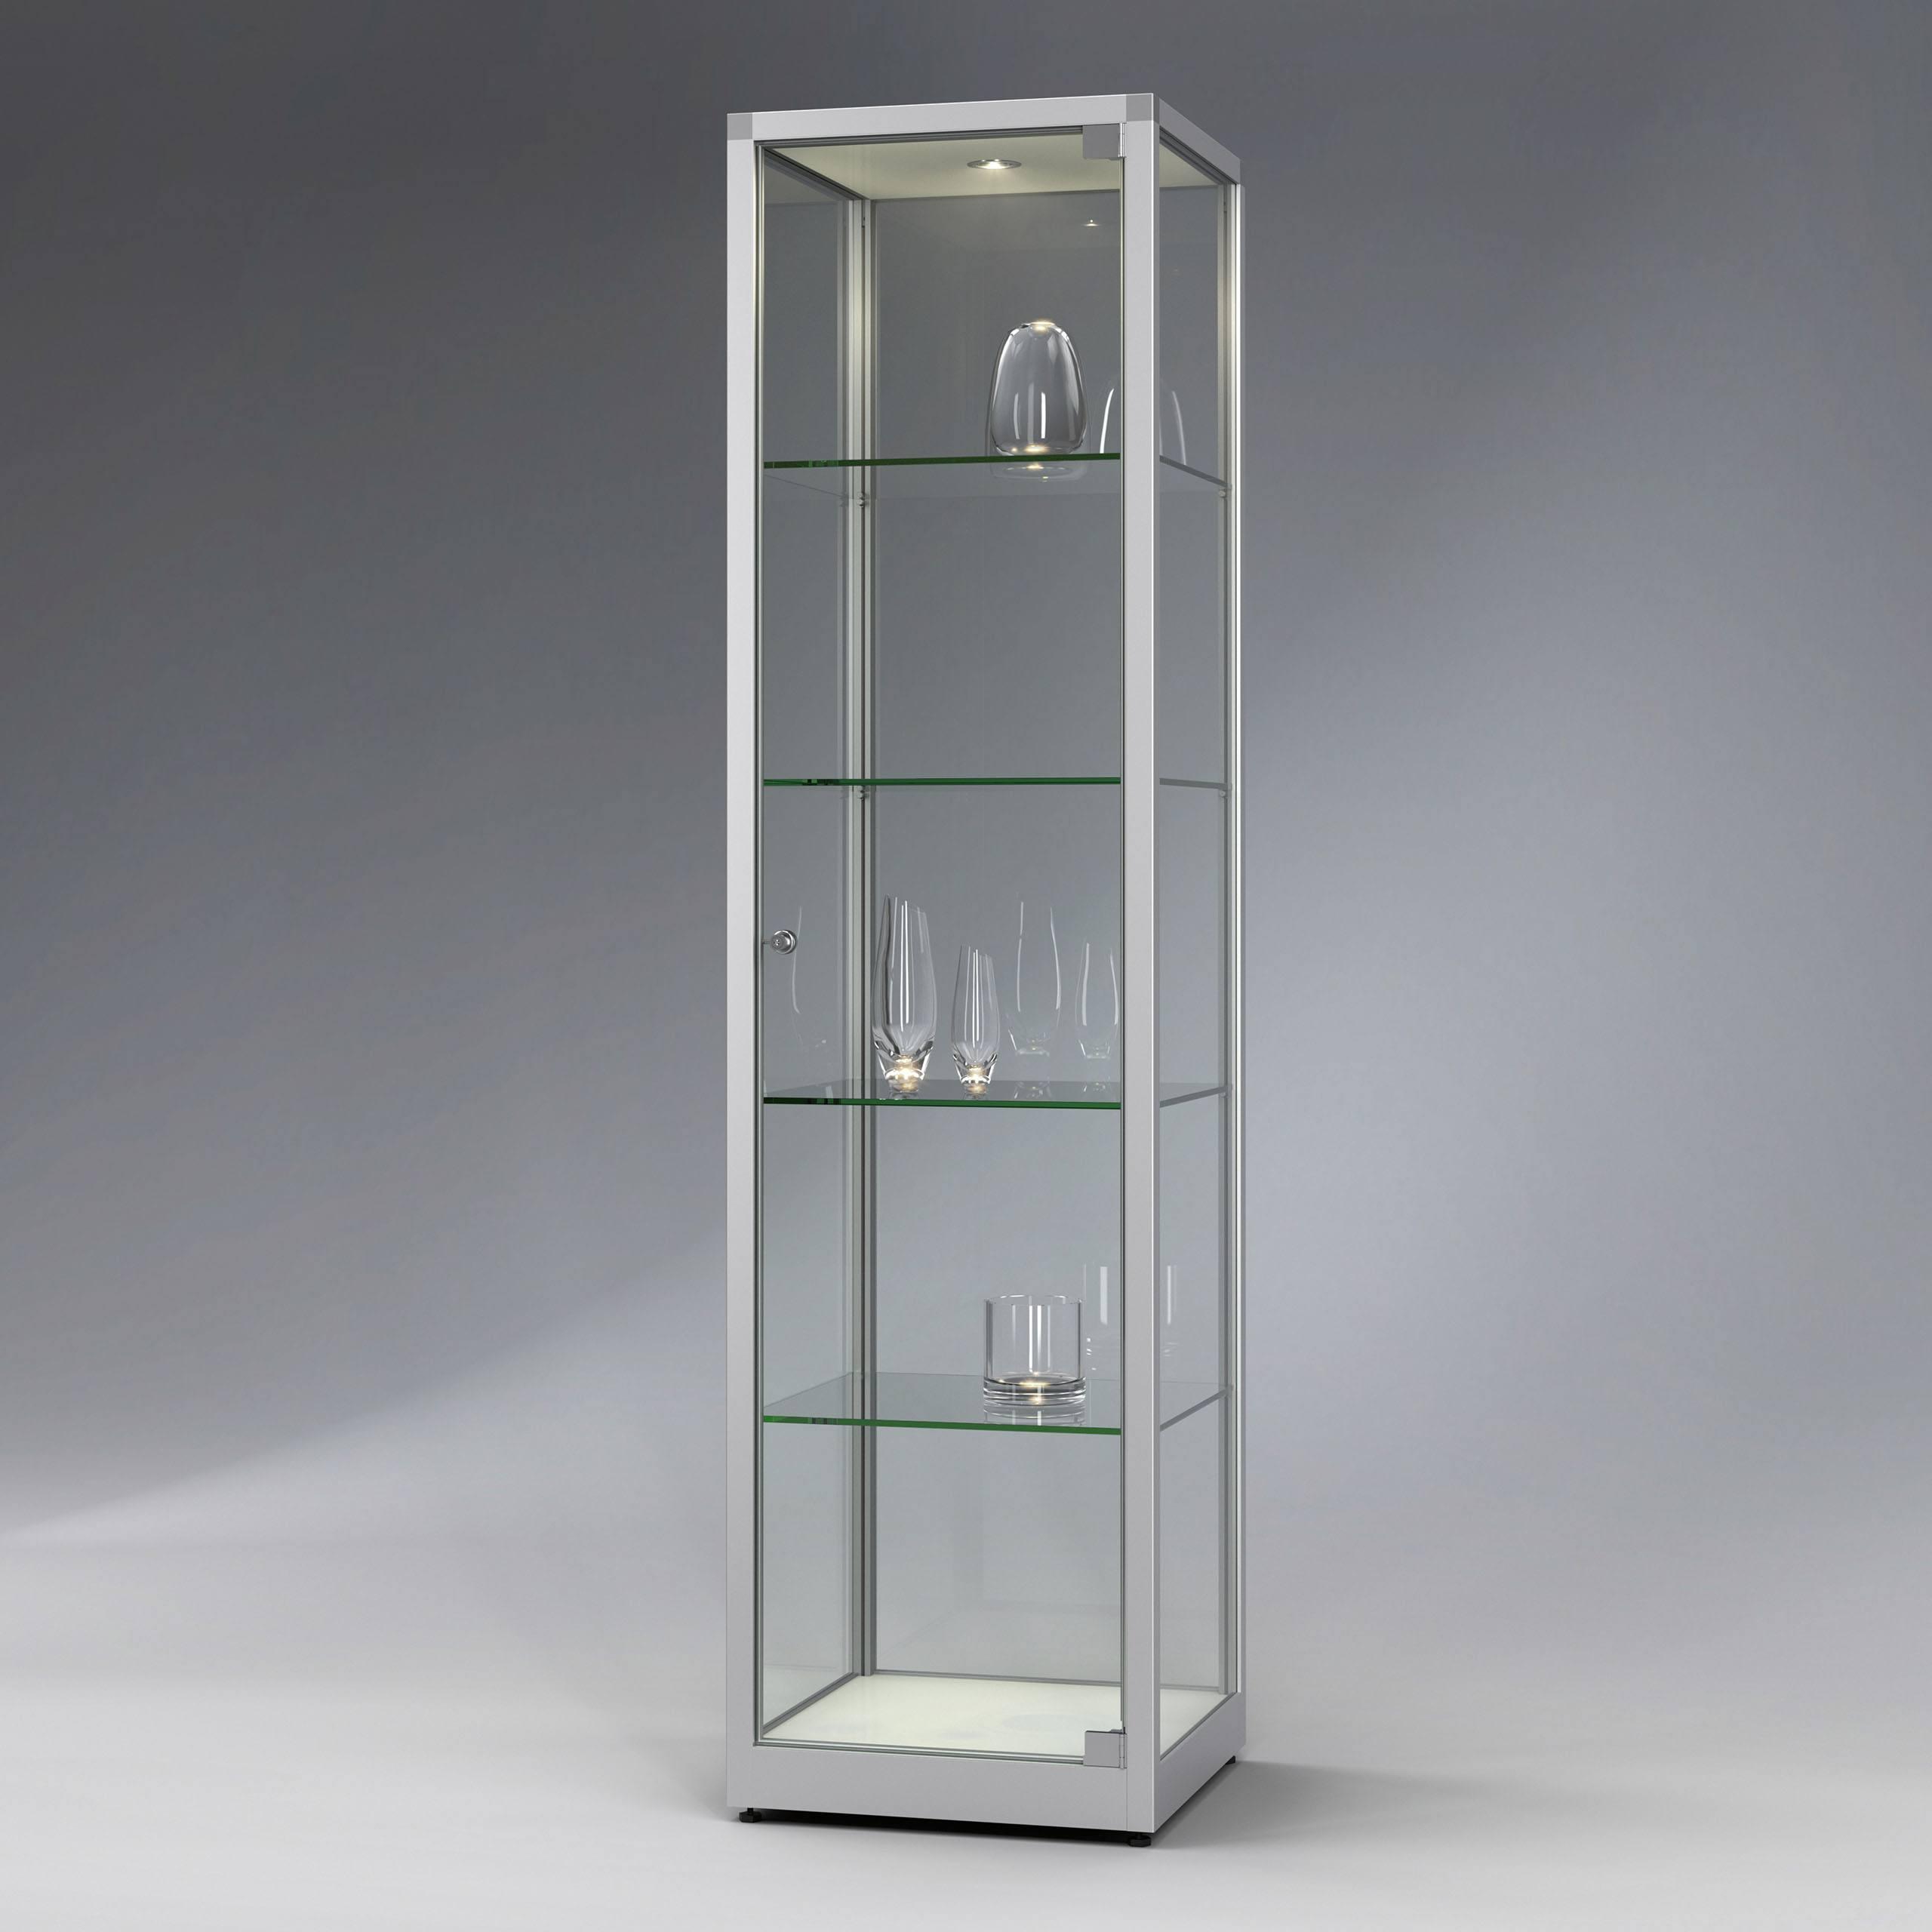 VERTUM glass-showcases